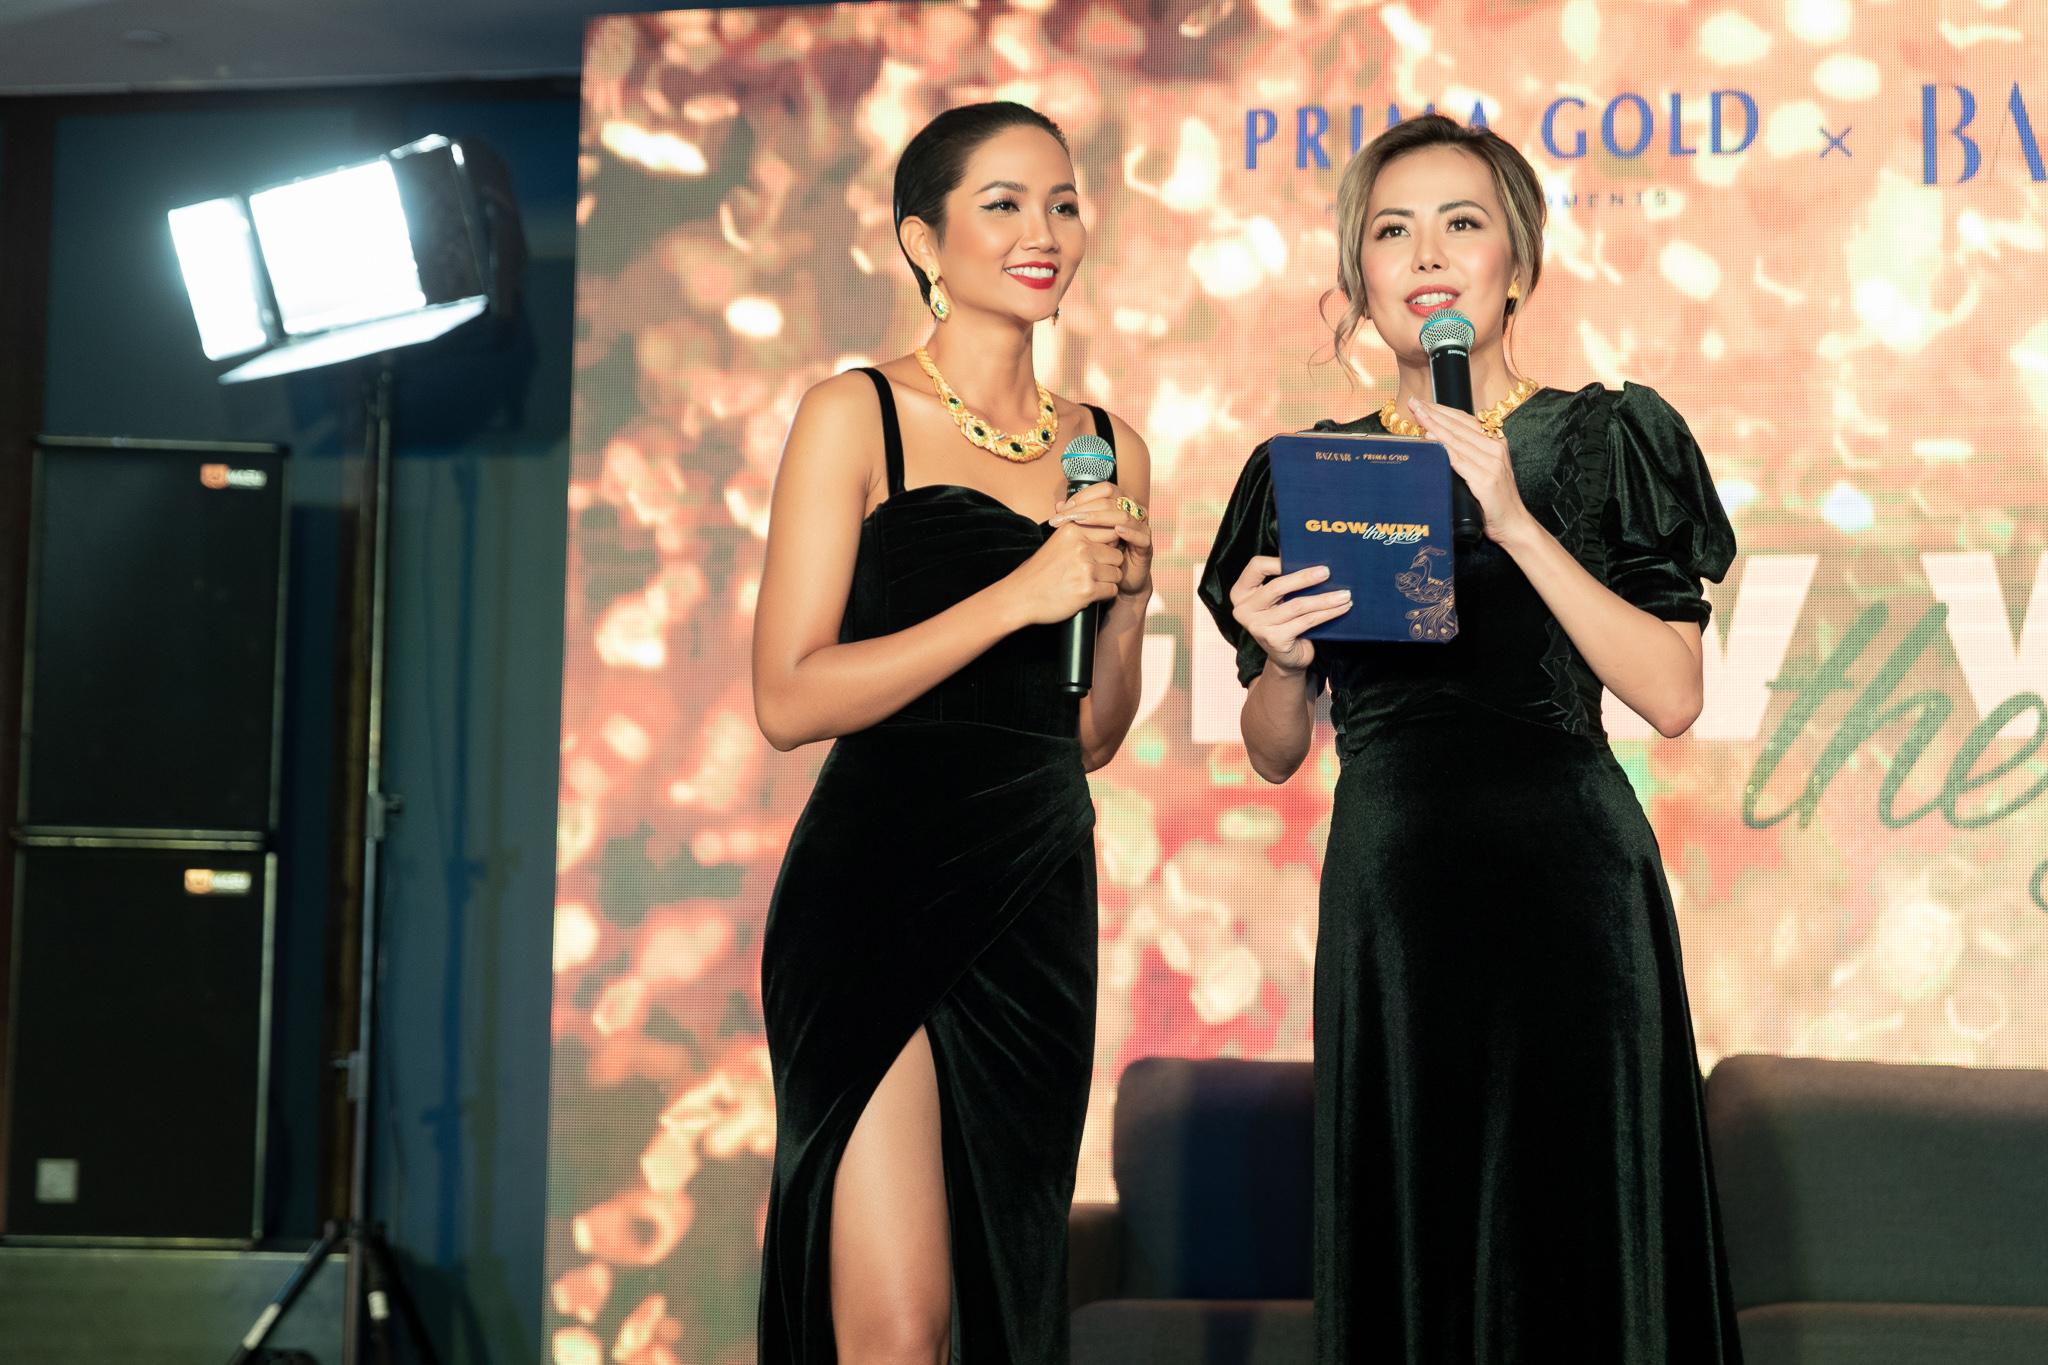 H'Hen toả sáng cùng trang sức vàng Prima Gold 13